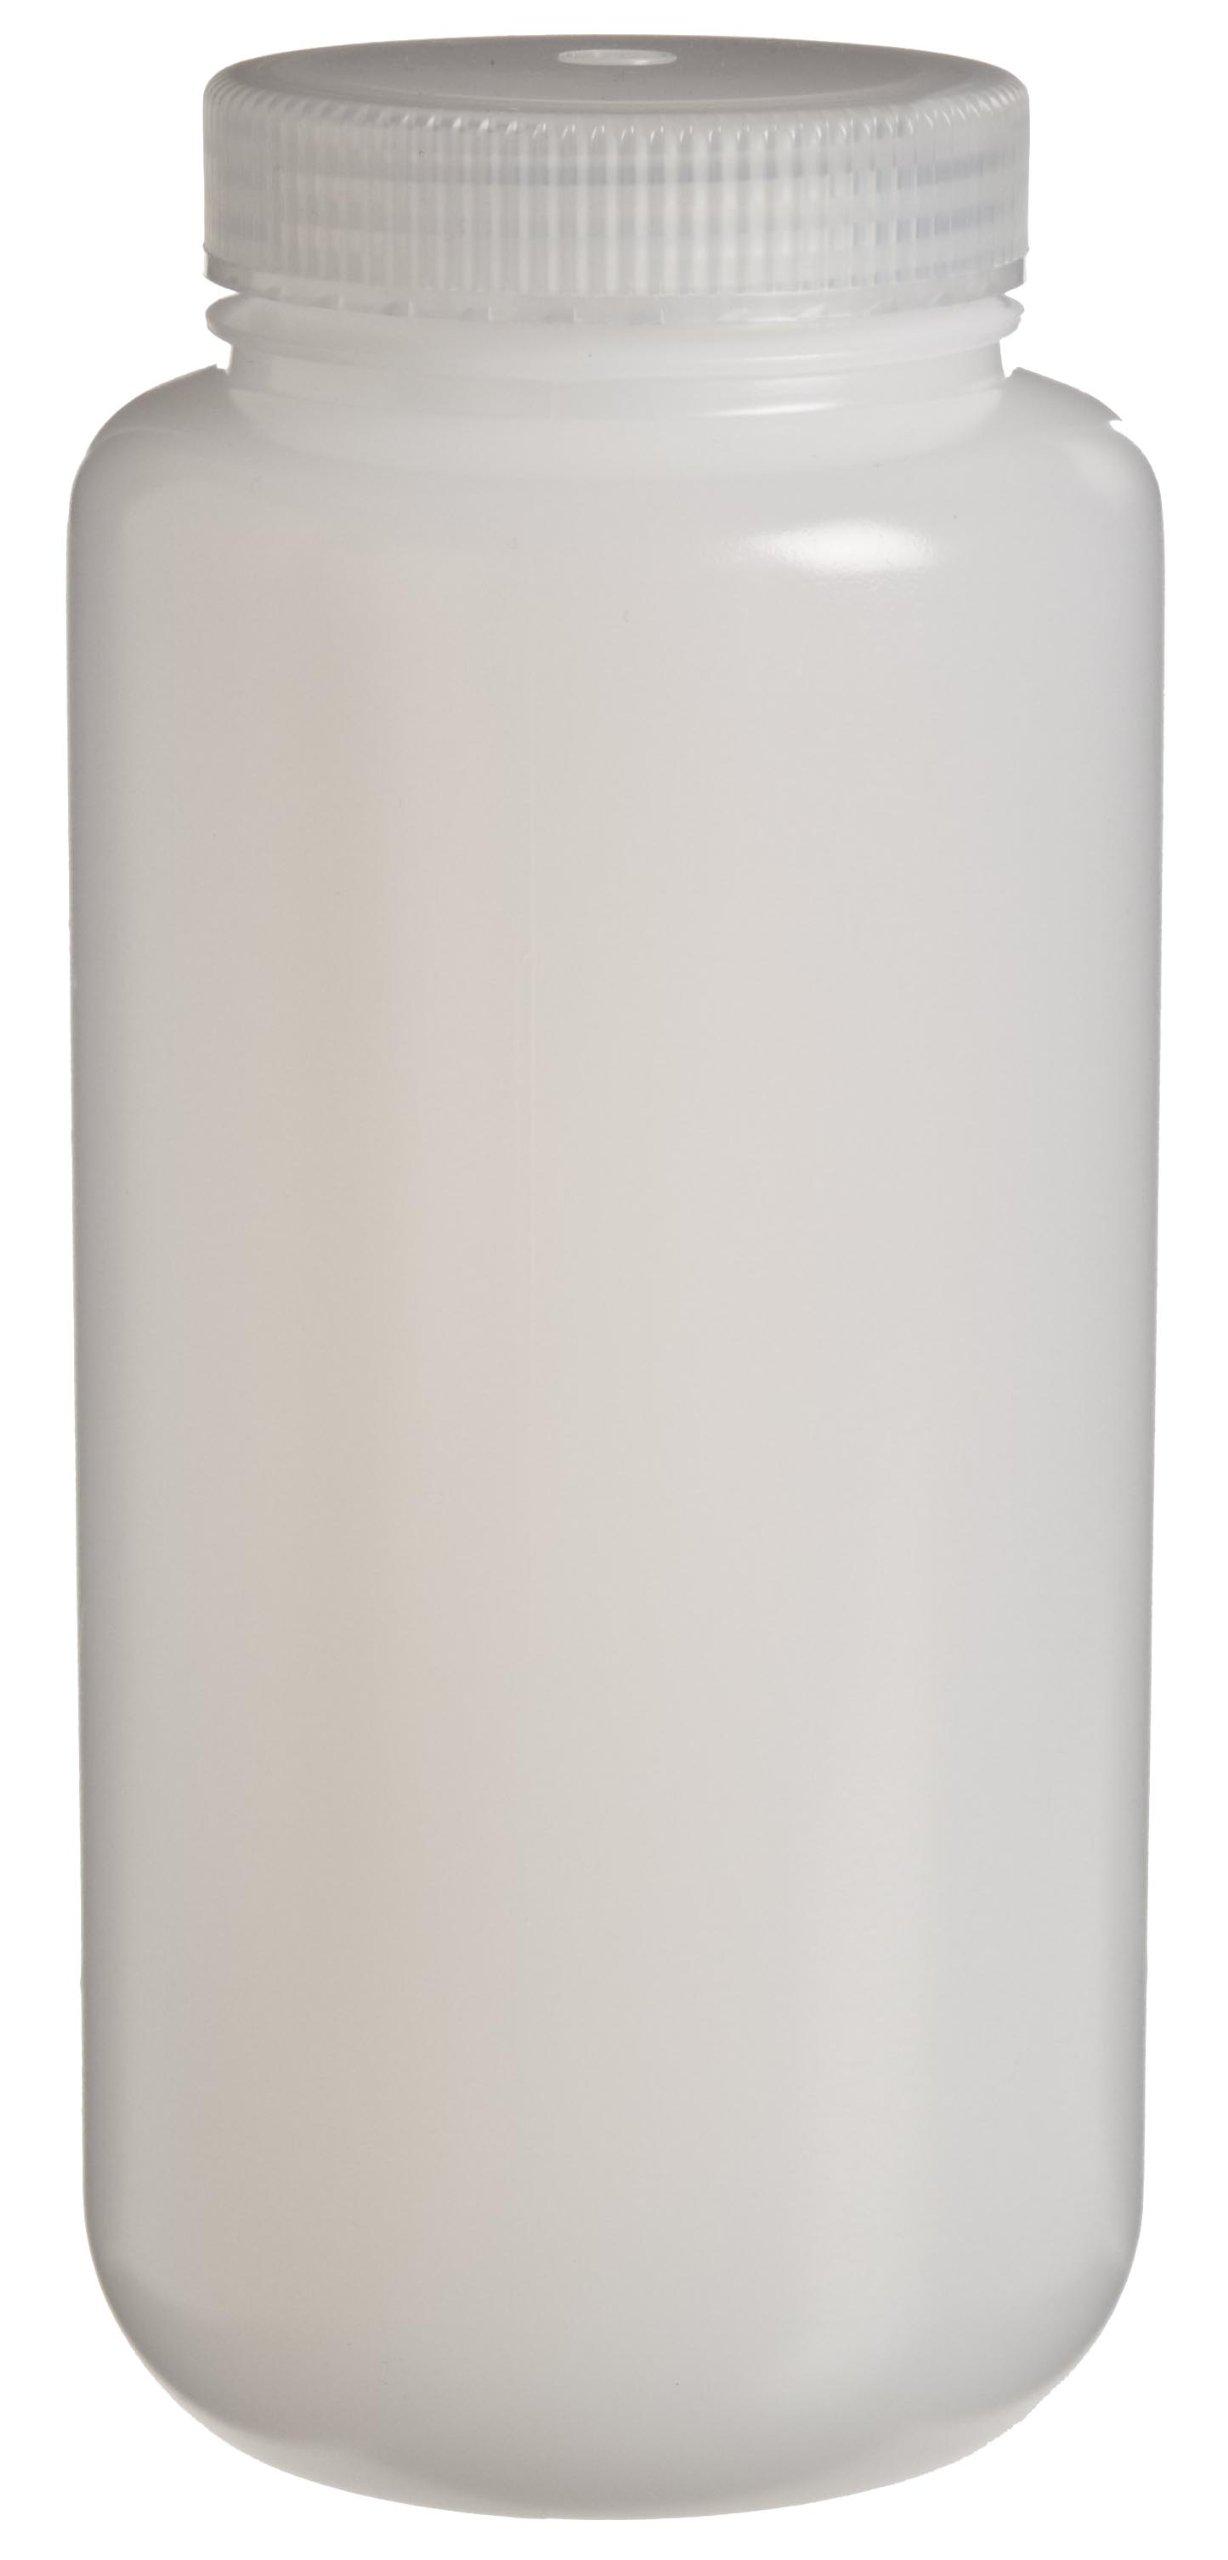 Nalgene 332189-0032 Wide-Mouth Sample Bottle, HDPE, Bulk Pack, 1000mL (32 ounce) (Case of 50)